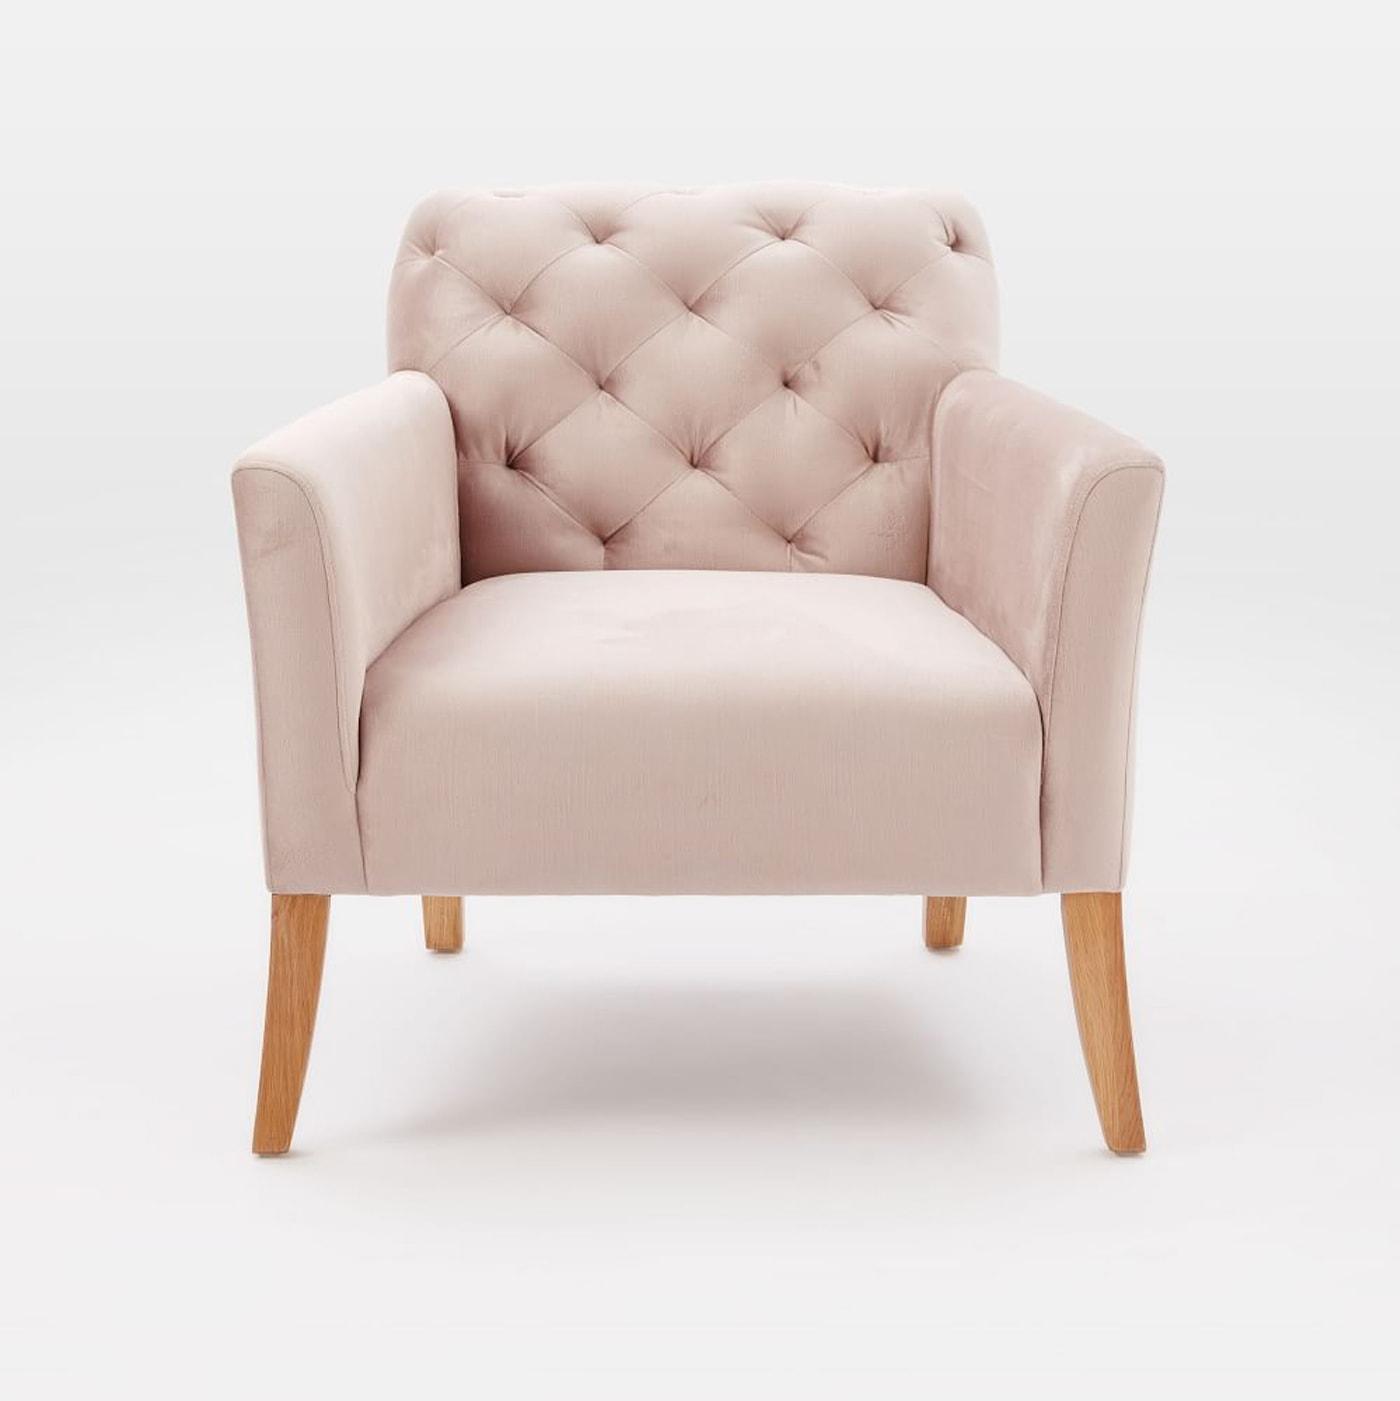 blush west elm velvet chair | home decor | interiors